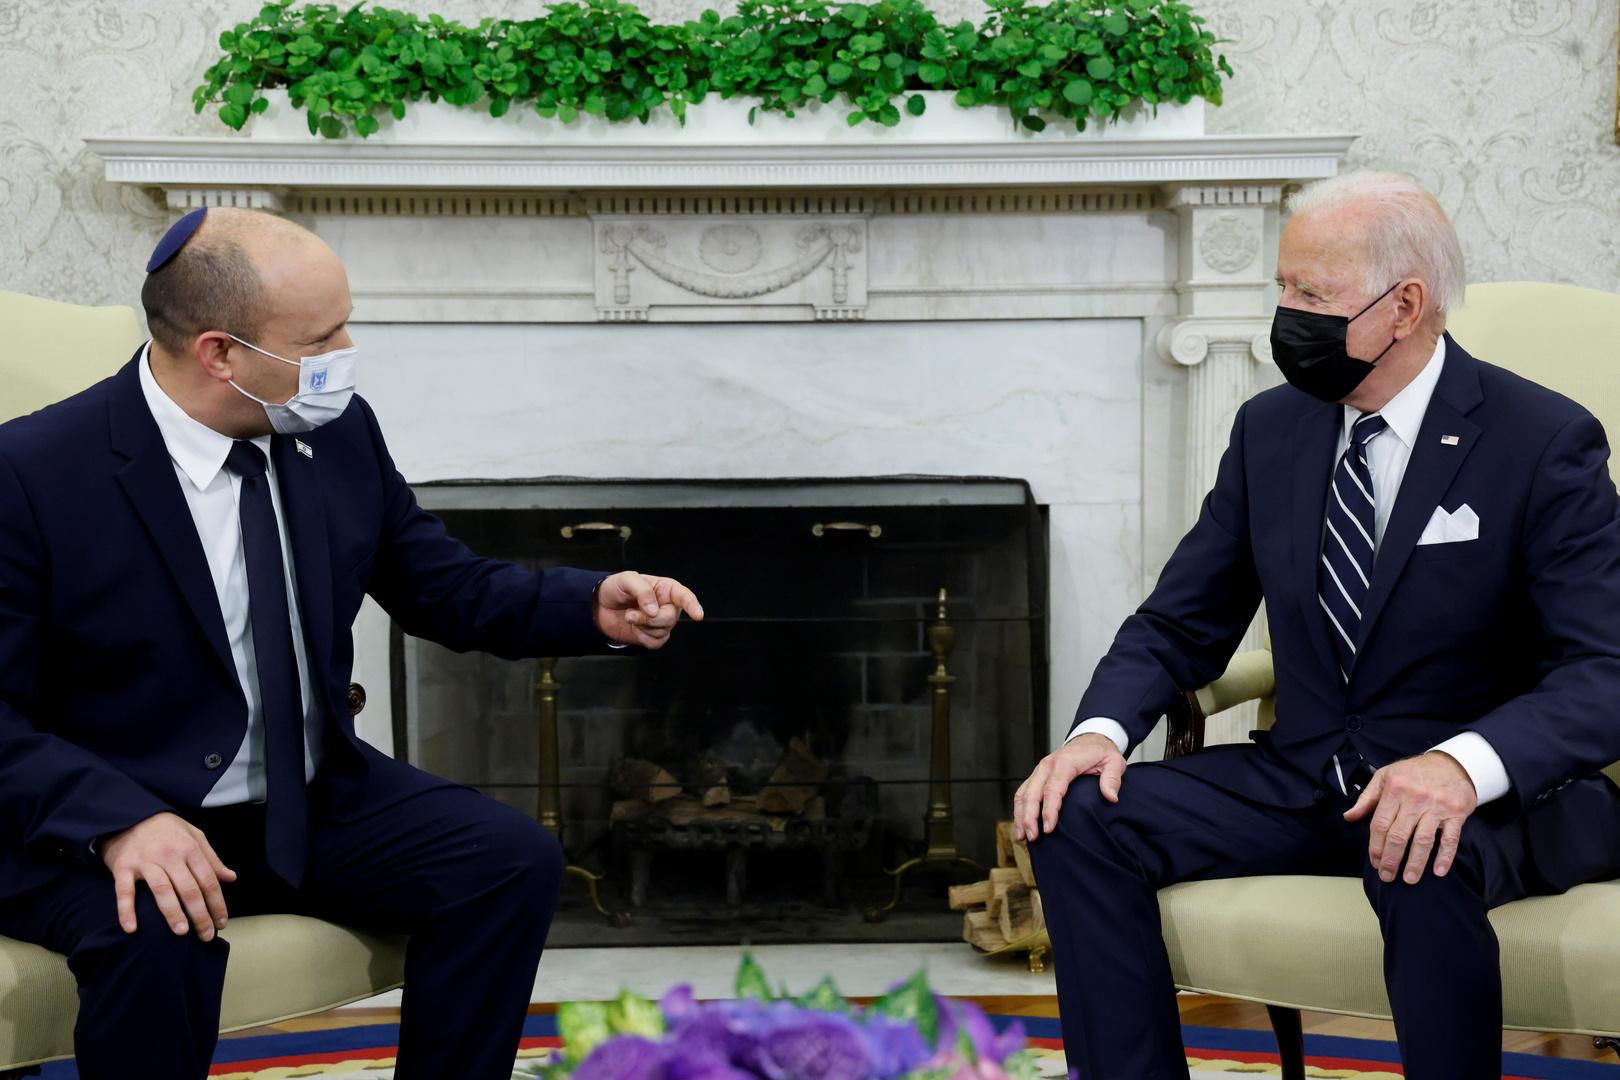 تقرير: بايدن أبلغ بينيت نيته عدم التخلي عن خطته لفتح القنصلية الأمريكية في القدس